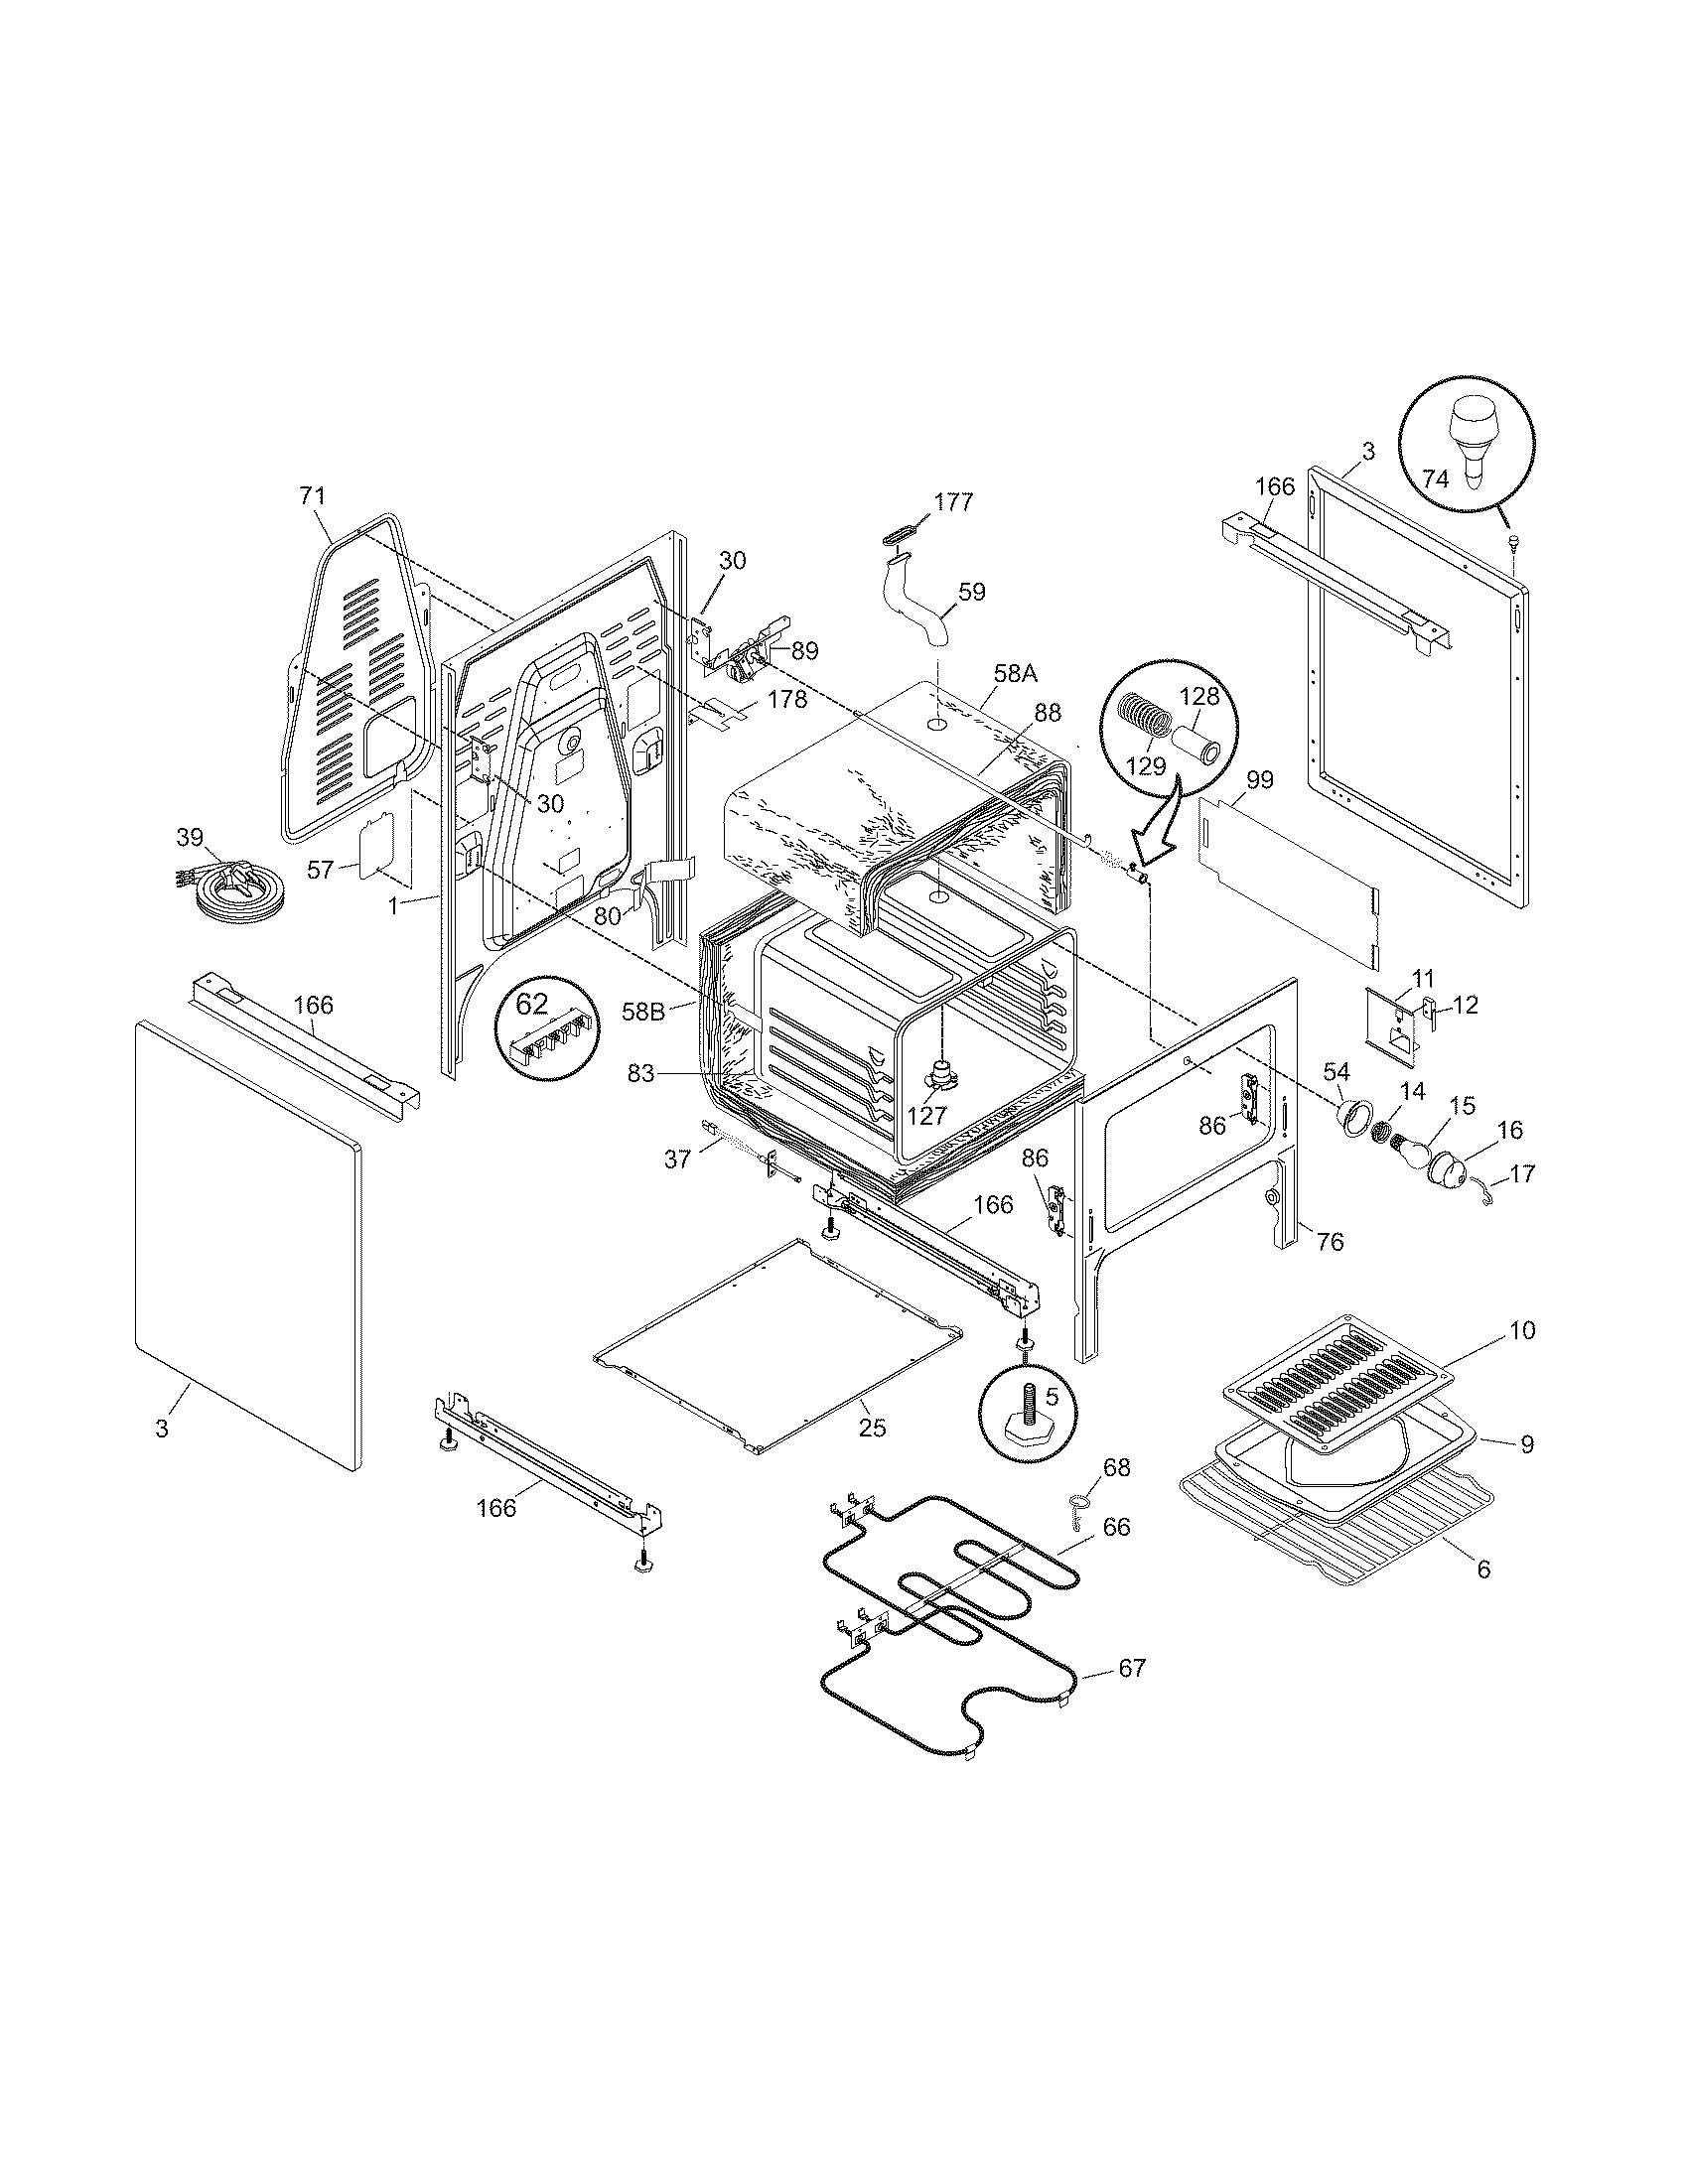 Frigidaire Wiring Schematics